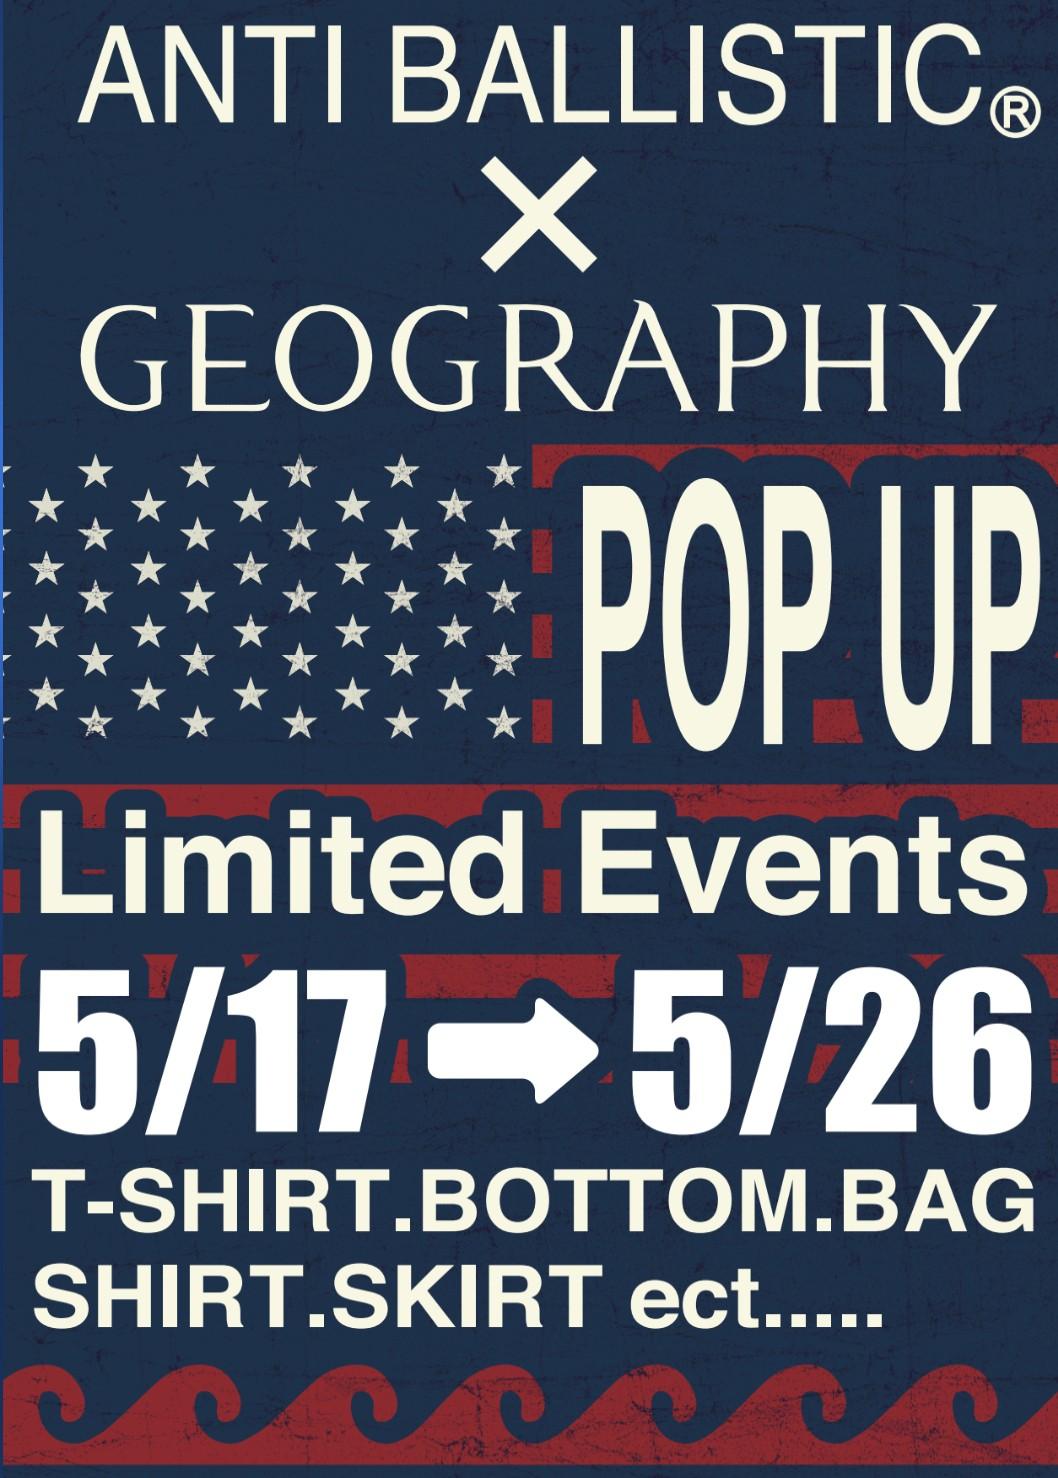 草津店 5/17~5/26の期間限定で、ANTI BALLISTICのPOP UPフェアを開催致します!